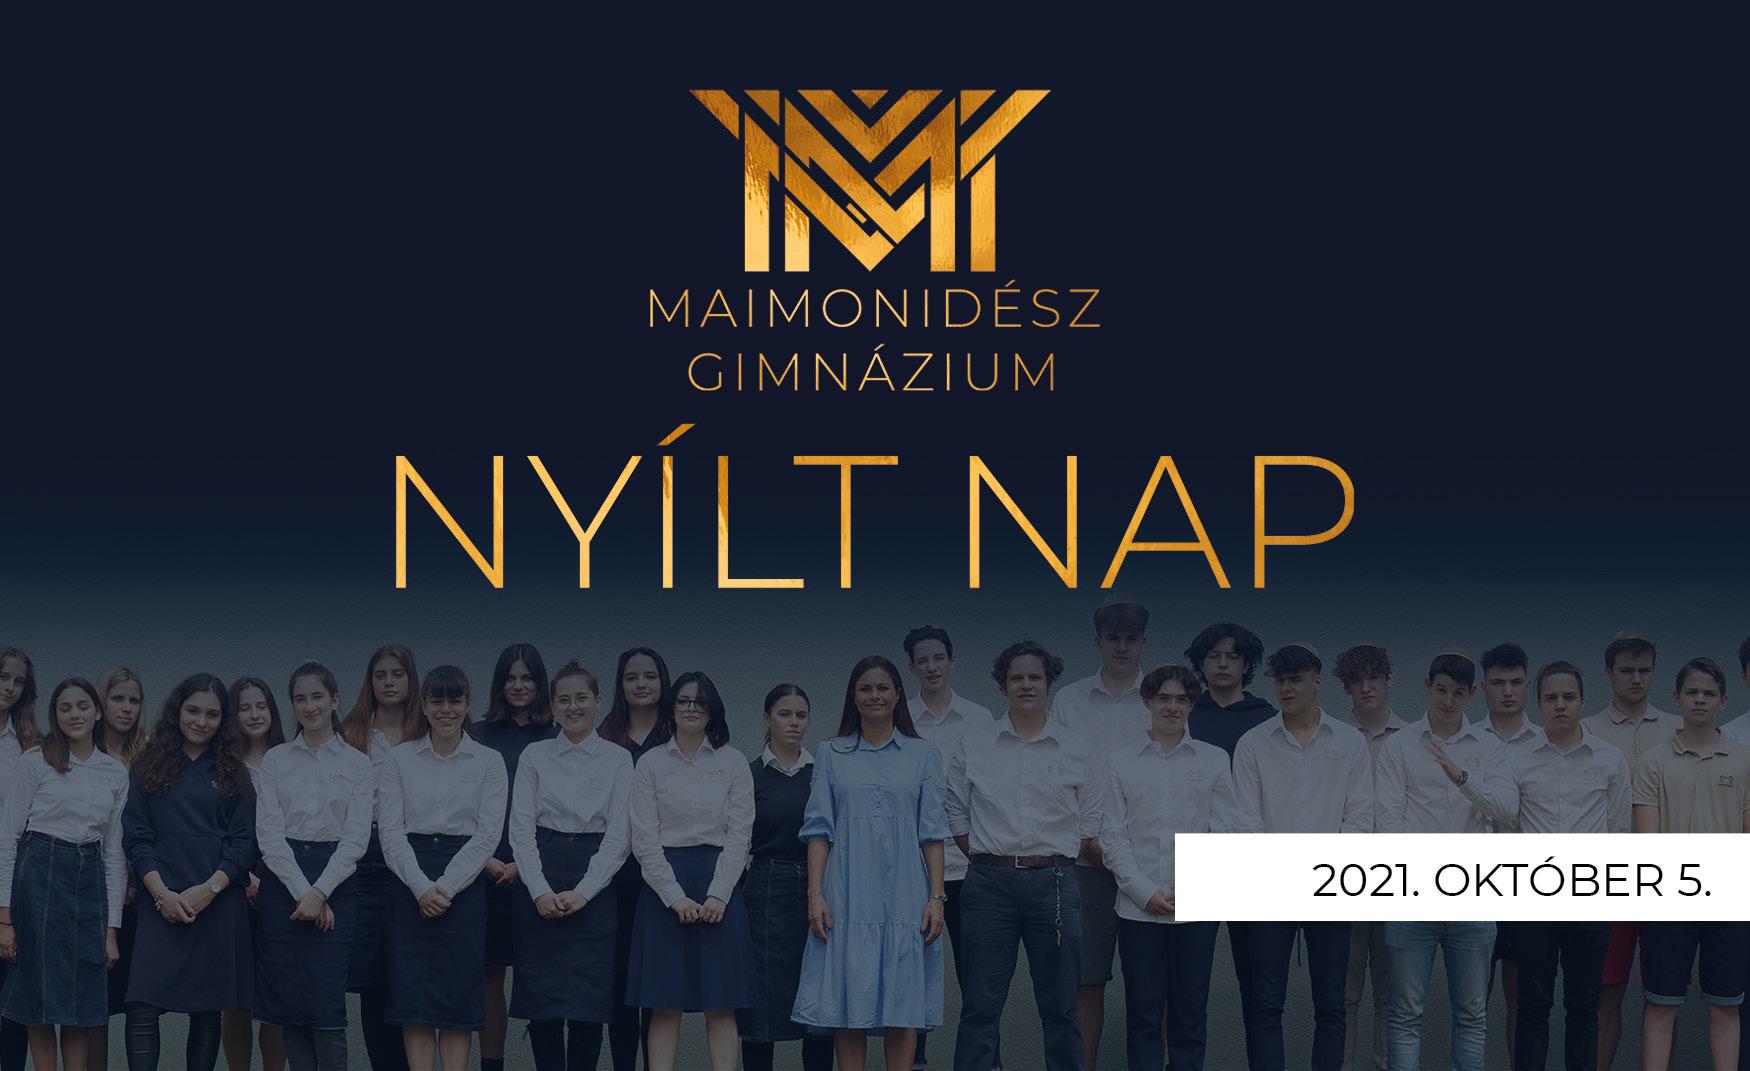 Maimonidész Gimnázium Nyílnap 2021